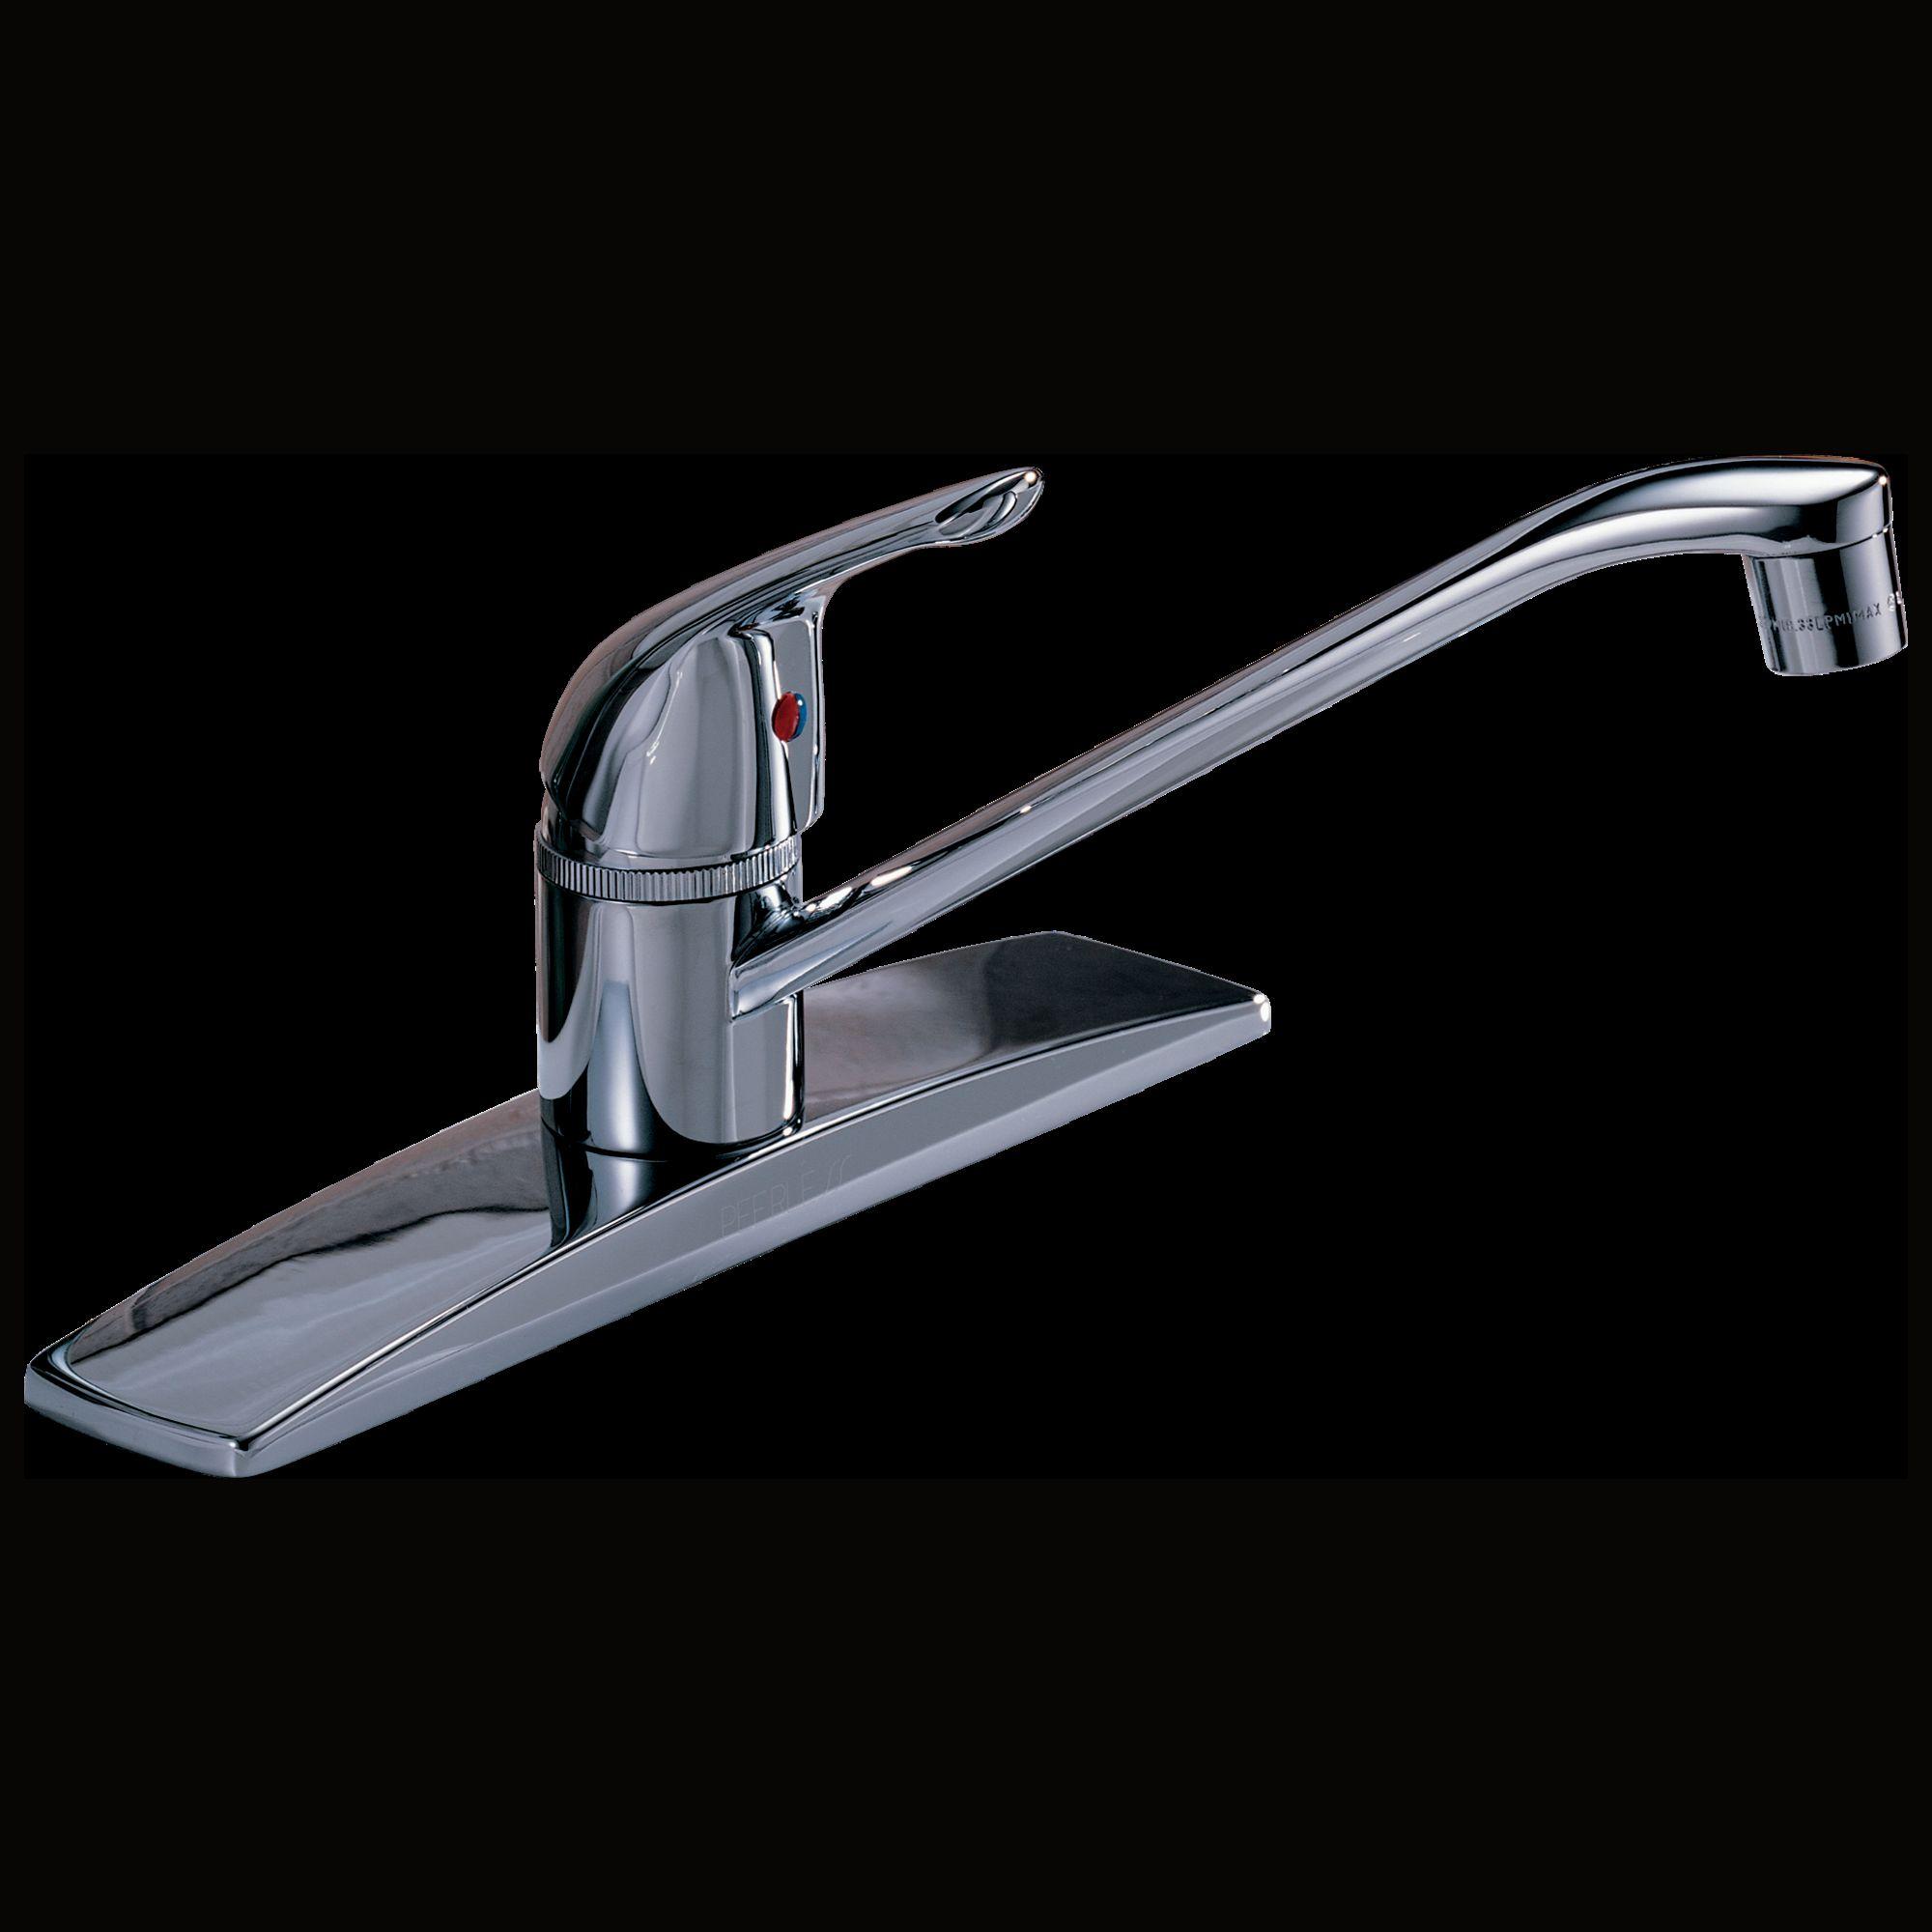 modern peerless bathroom faucet repair image-Luxury Peerless Bathroom Faucet Repair Wallpaper